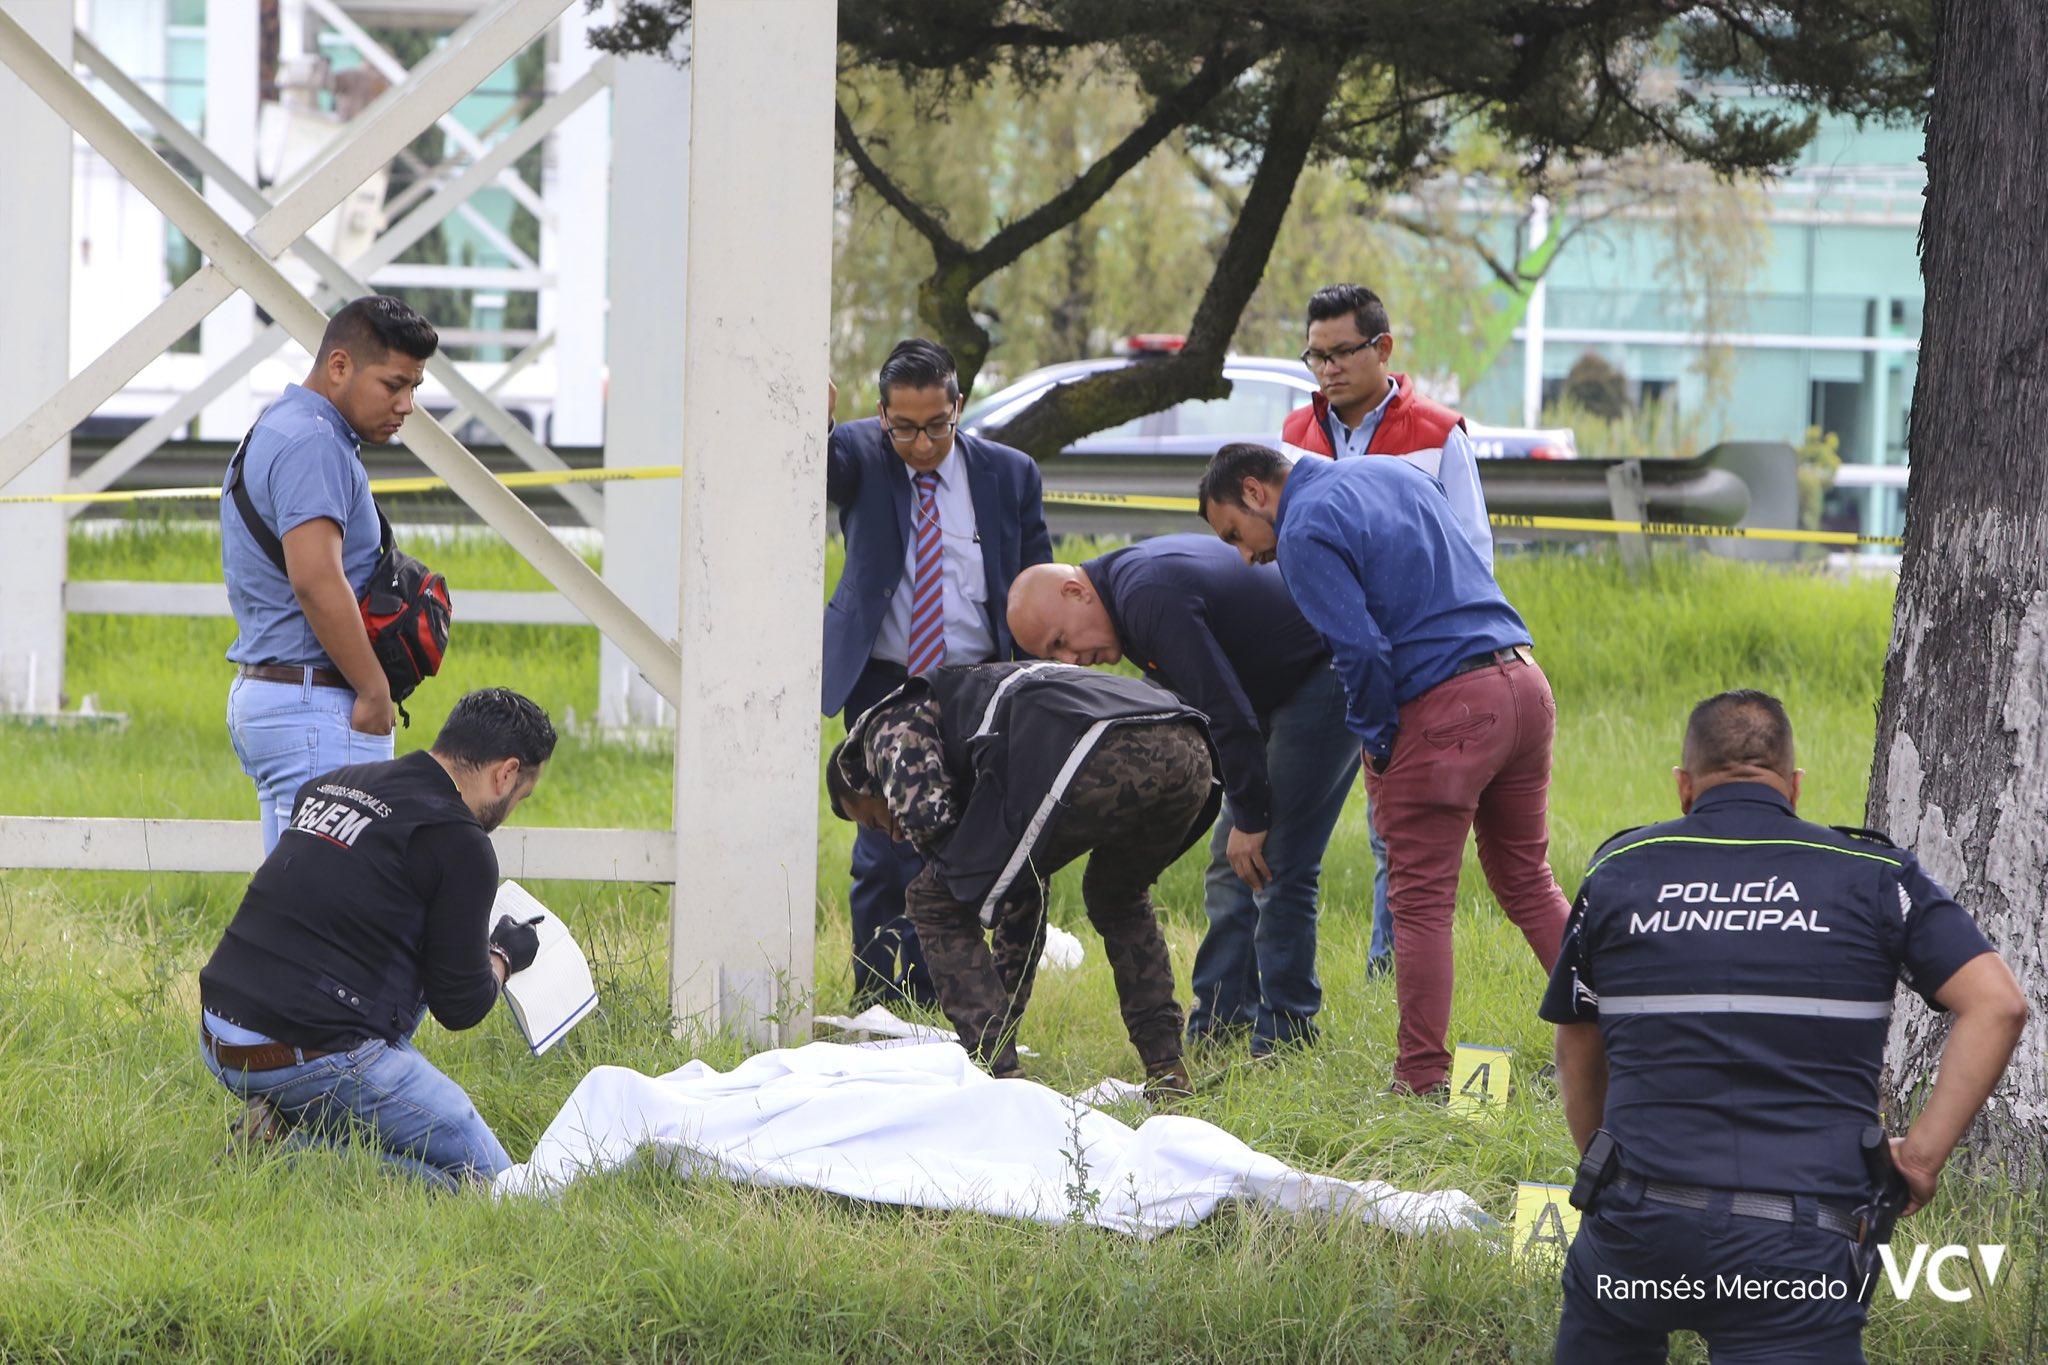 Hallan el cuerpo de un hombre en Paseo Tollocan - Nov 21, 2019